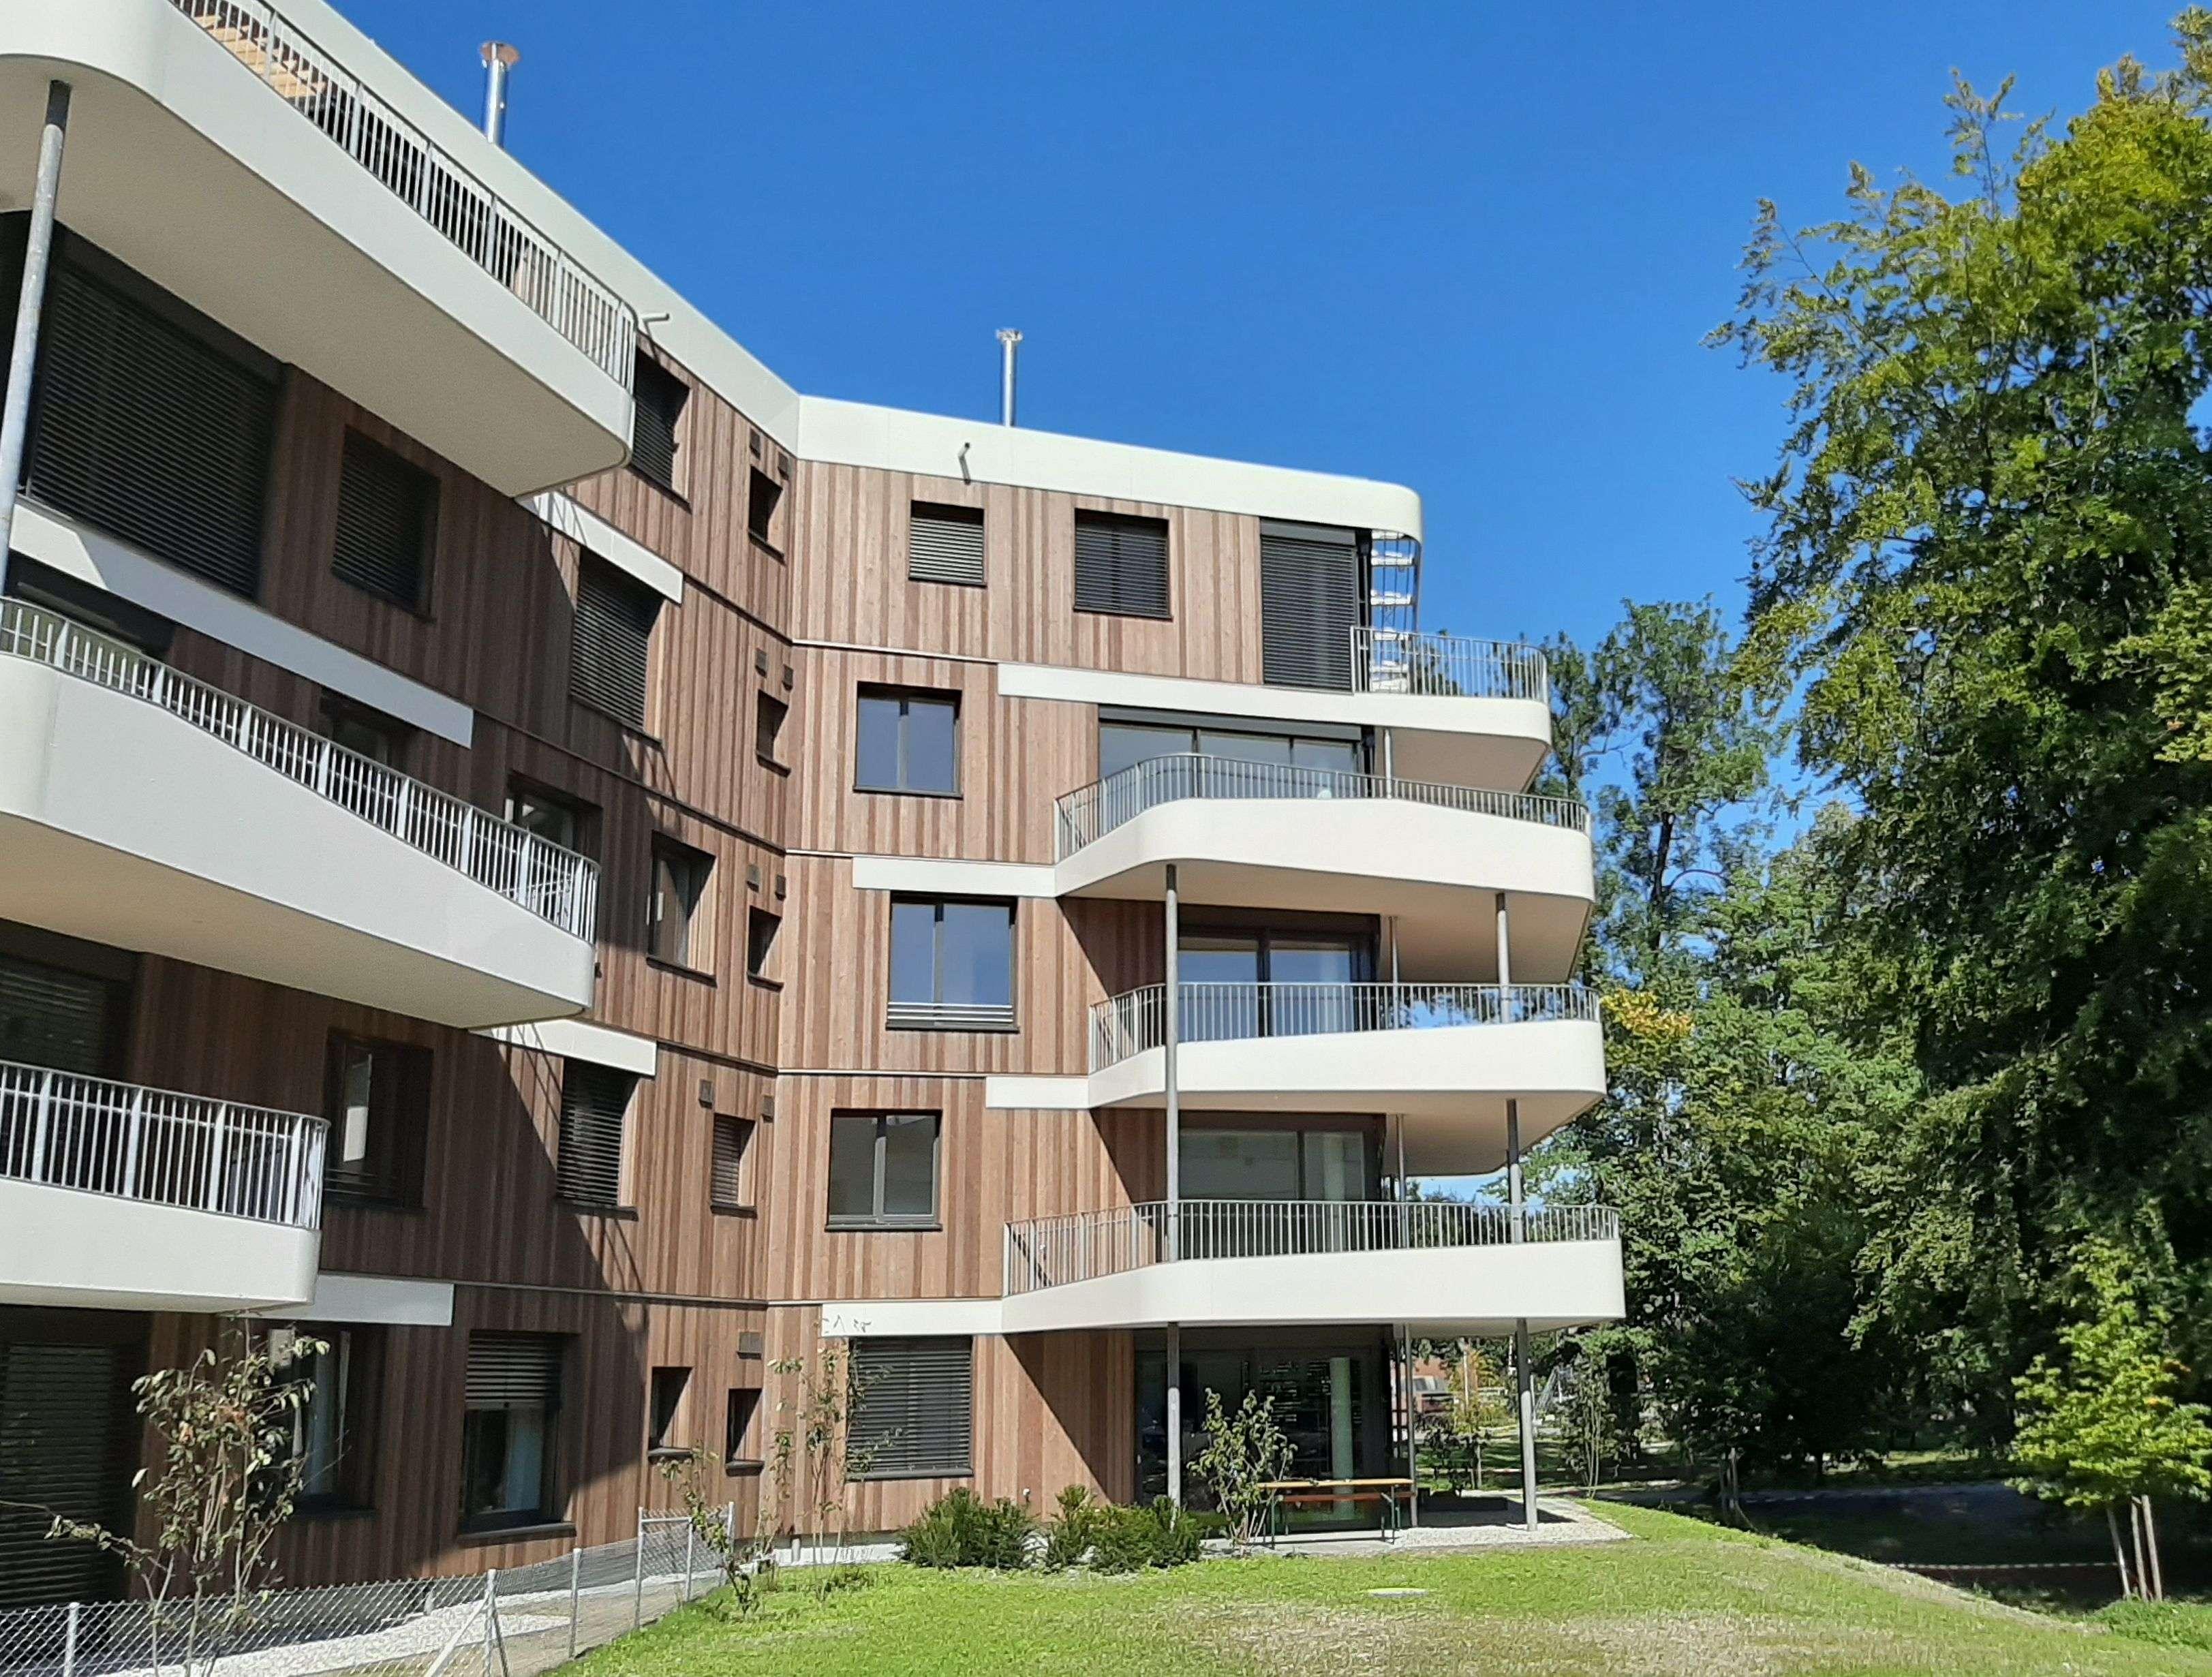 ERSTBEZUG - Lichtdurchflutete 3 Zi-Parkwohnung mit großem Balkon in Kolbermoor